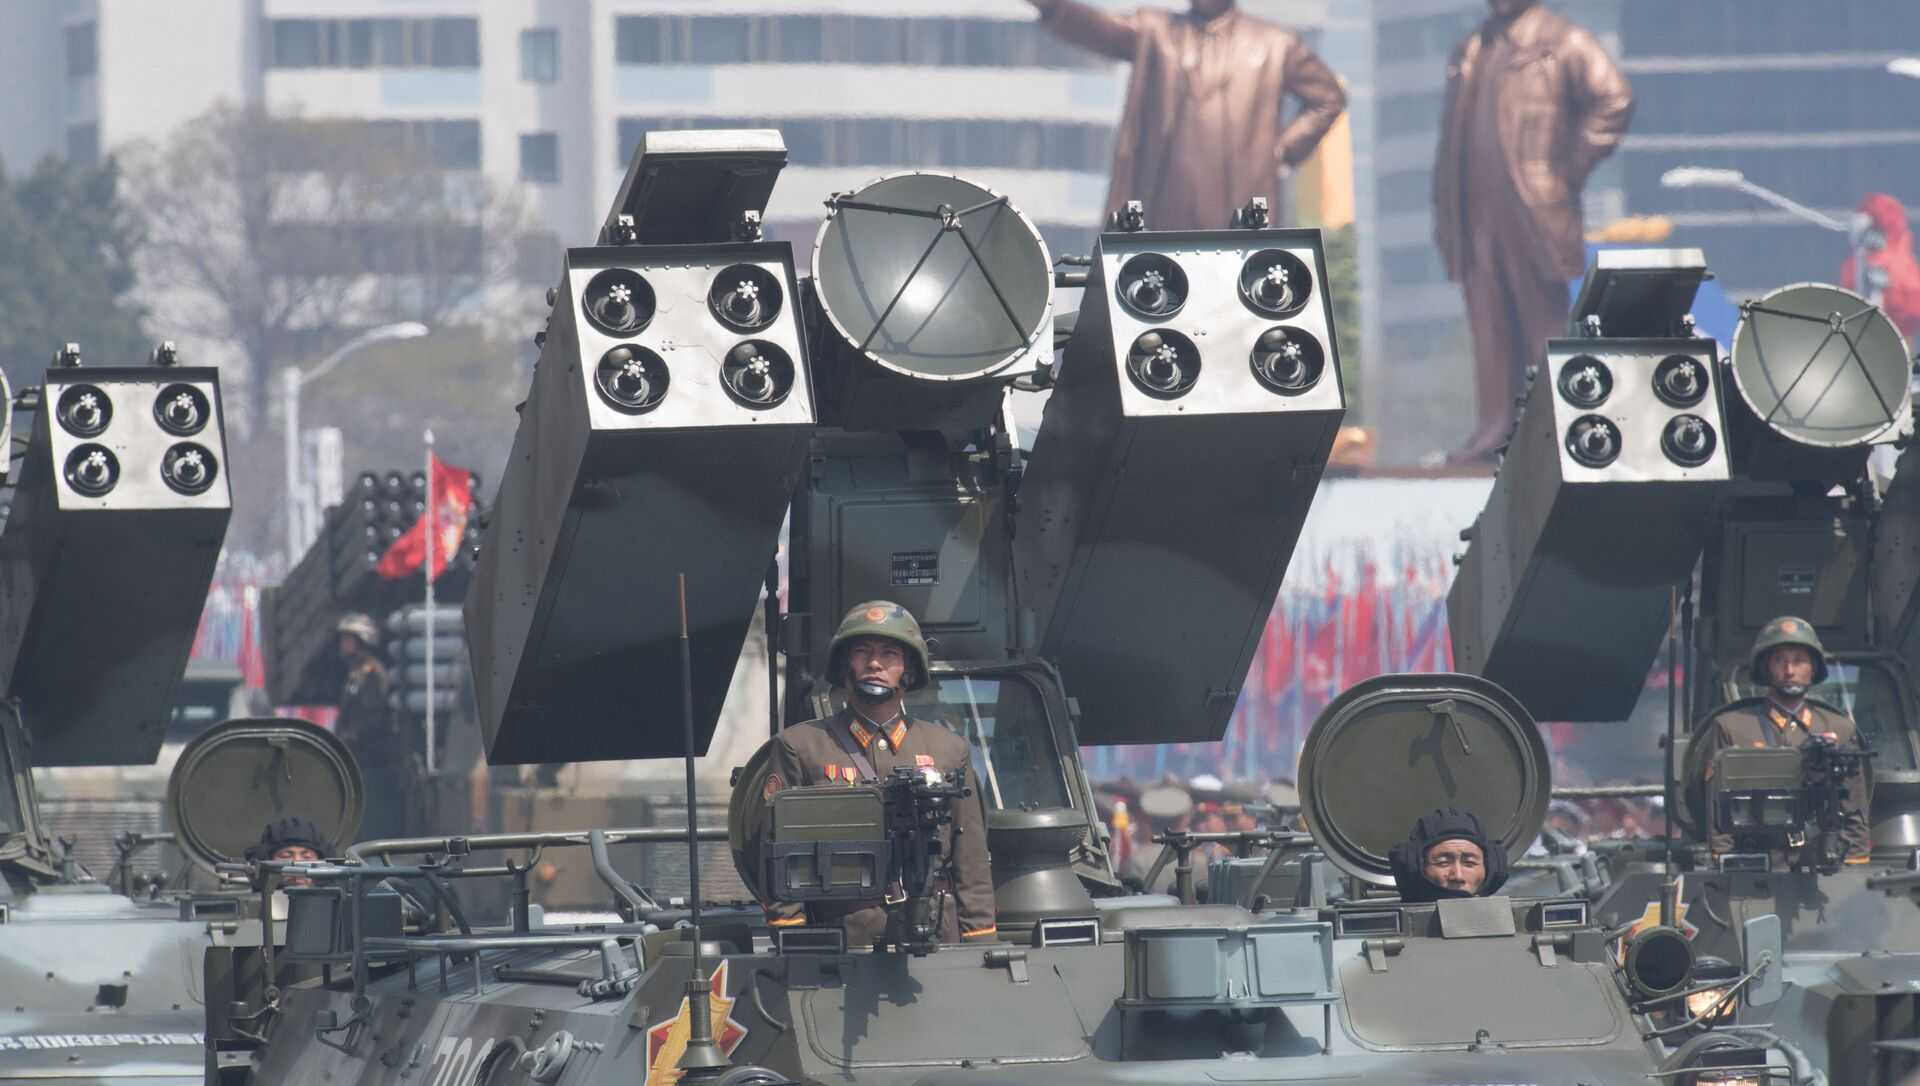 cuộc diễu hành quân sự ở Bình Nhưỡng - Sputnik Việt Nam, 1920, 28.09.2021